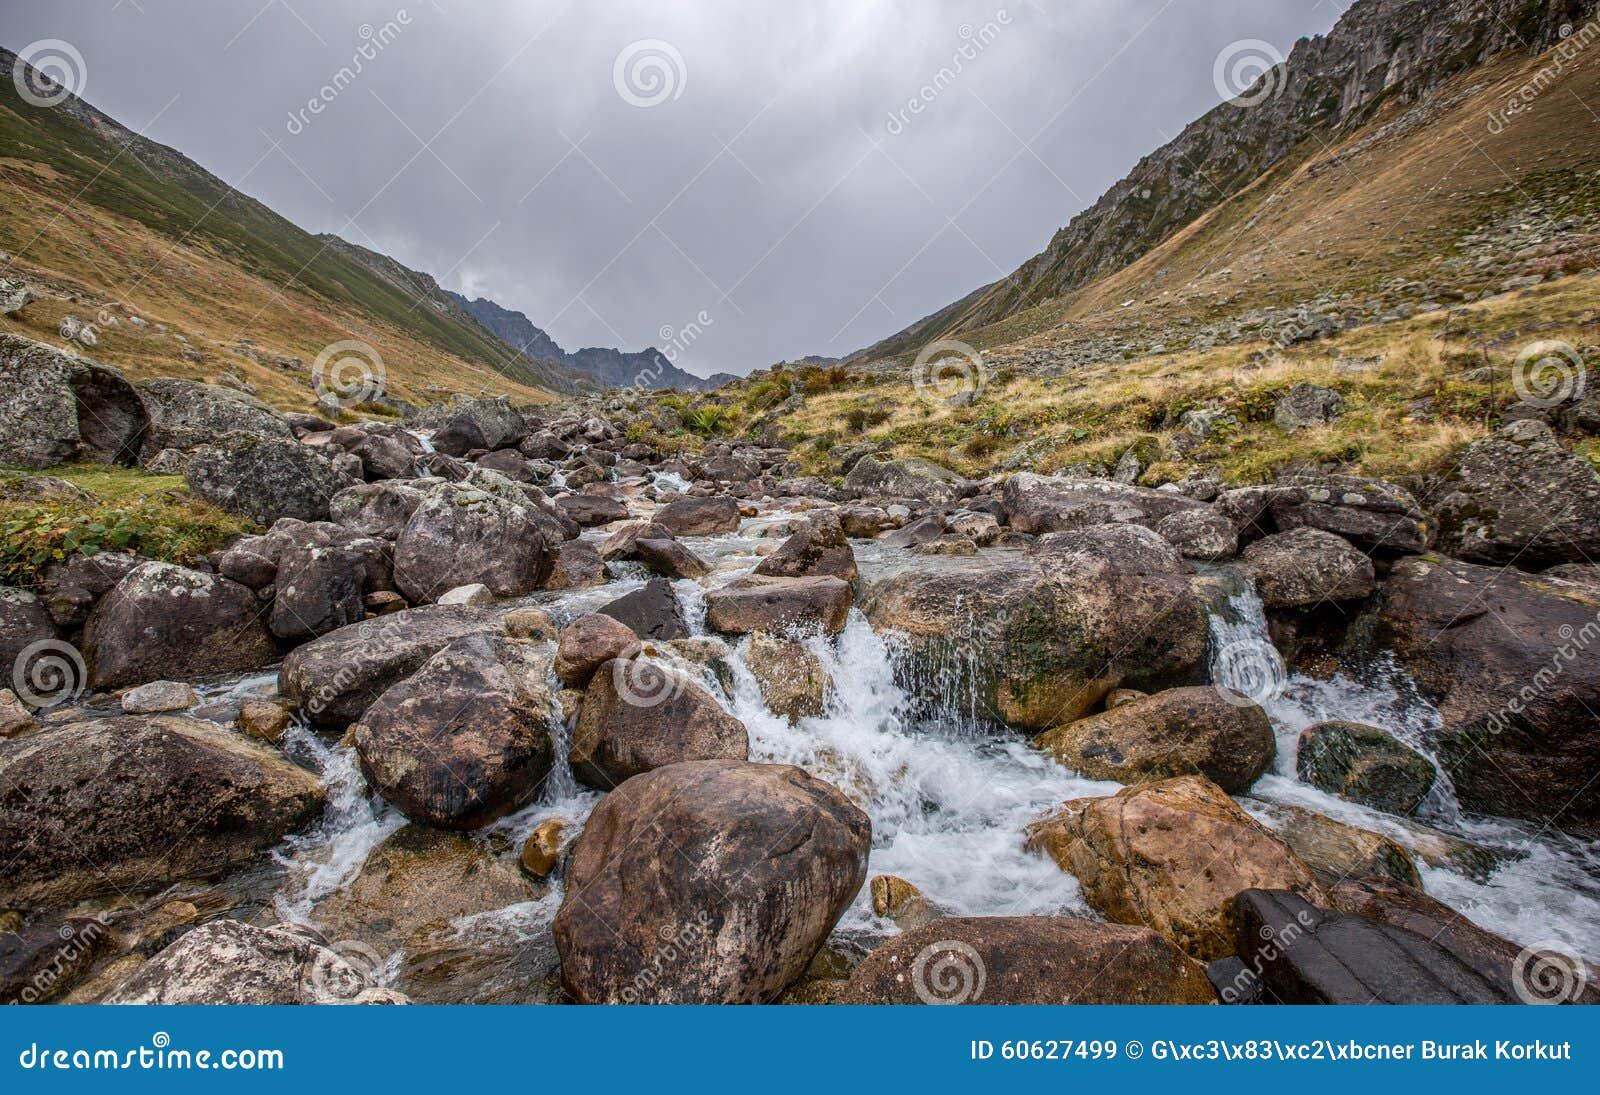 Kavrun Upland, Çamlıhemşin, Rize, Turkey